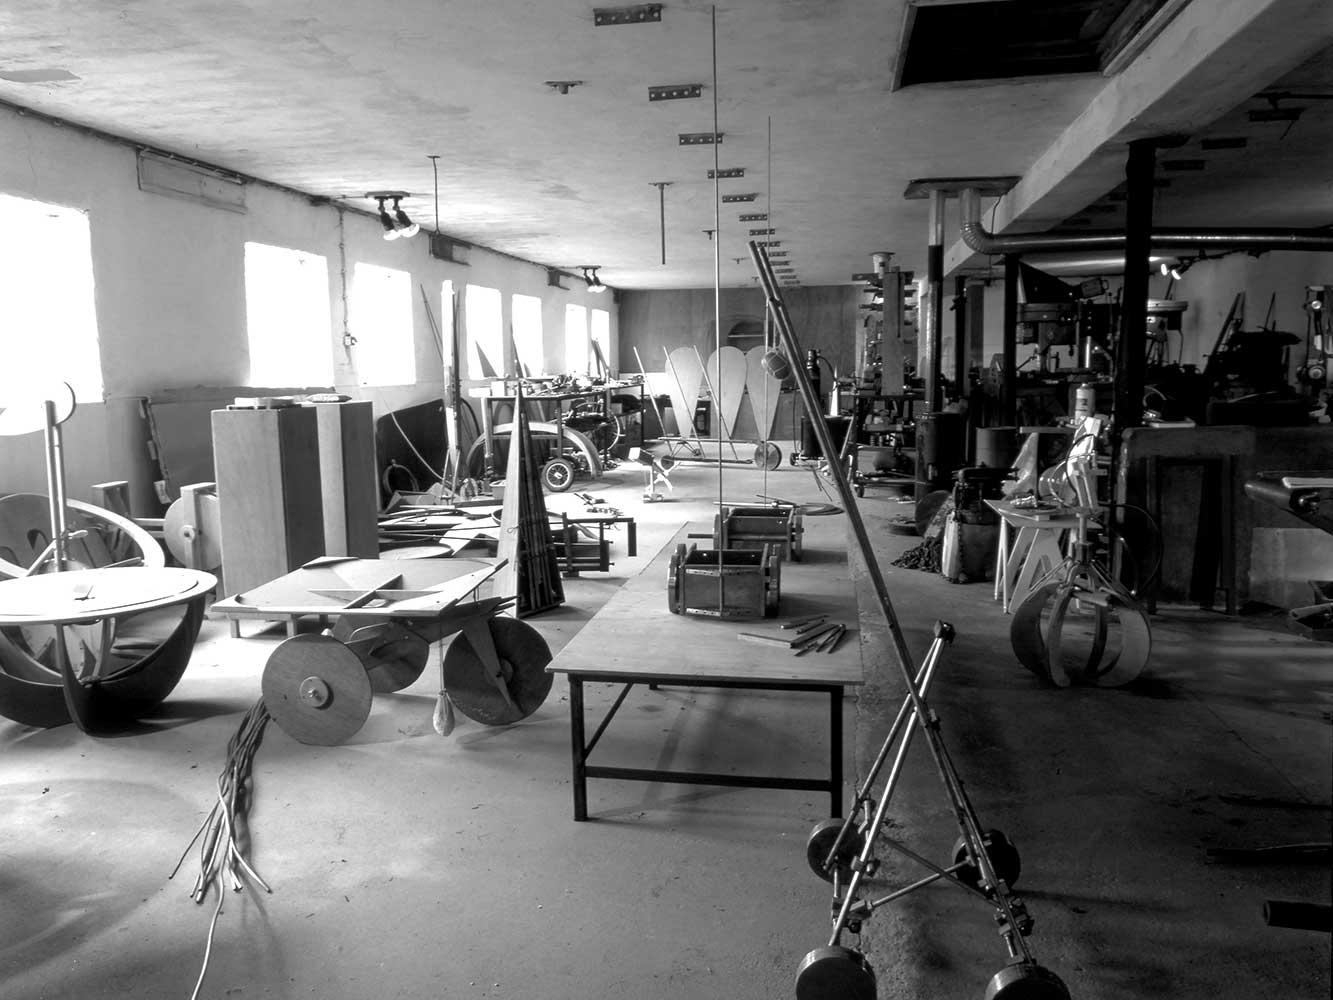 gerrit-van-bakel-Werkplaats-met-Eierwagentje1984